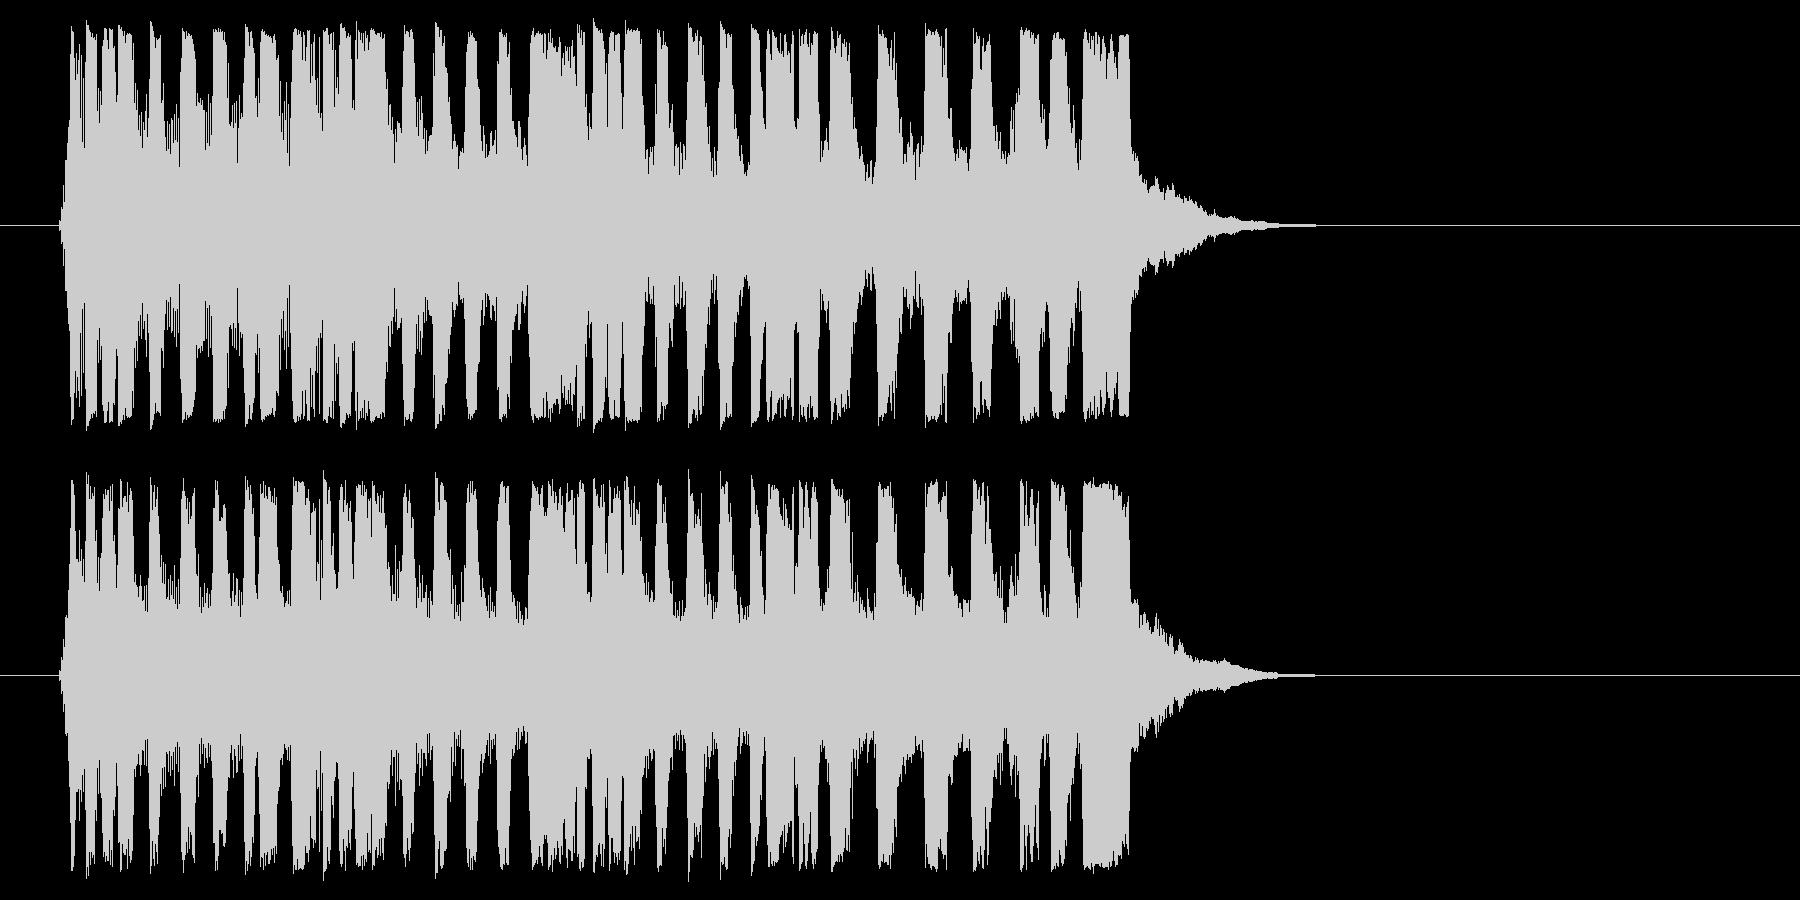 挑戦的 場面転換 オープニング 登場の未再生の波形